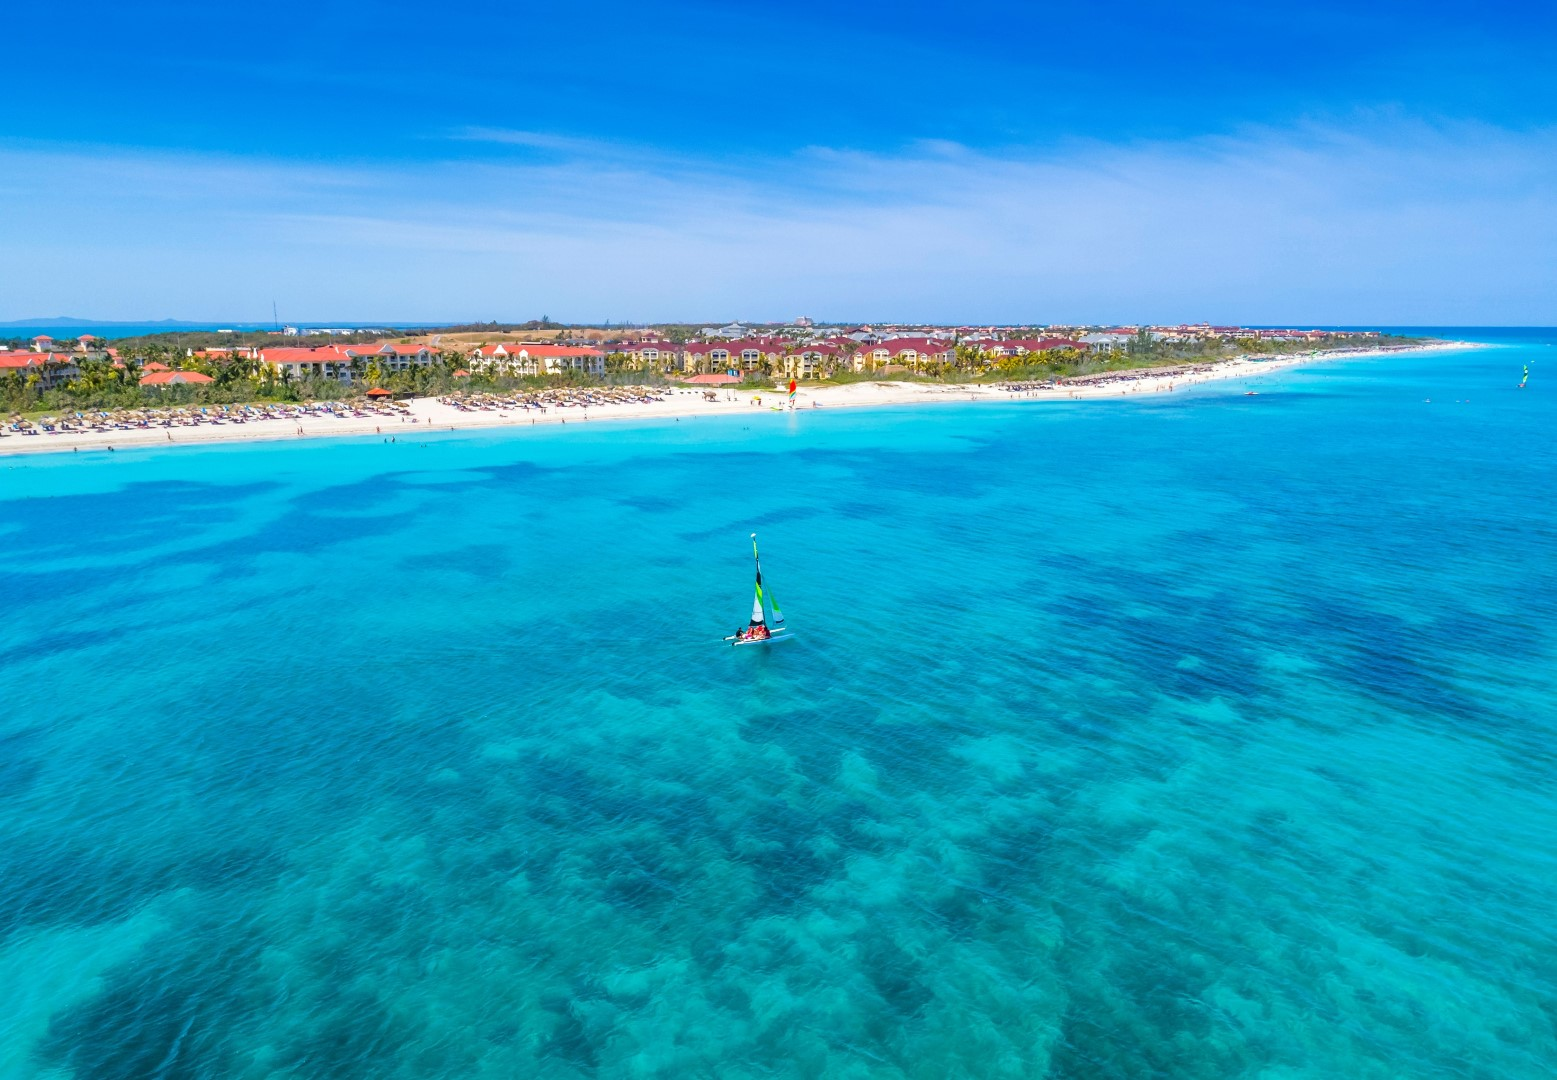 Aerial view of beach and hotel at Paradisus Princesa Varadero